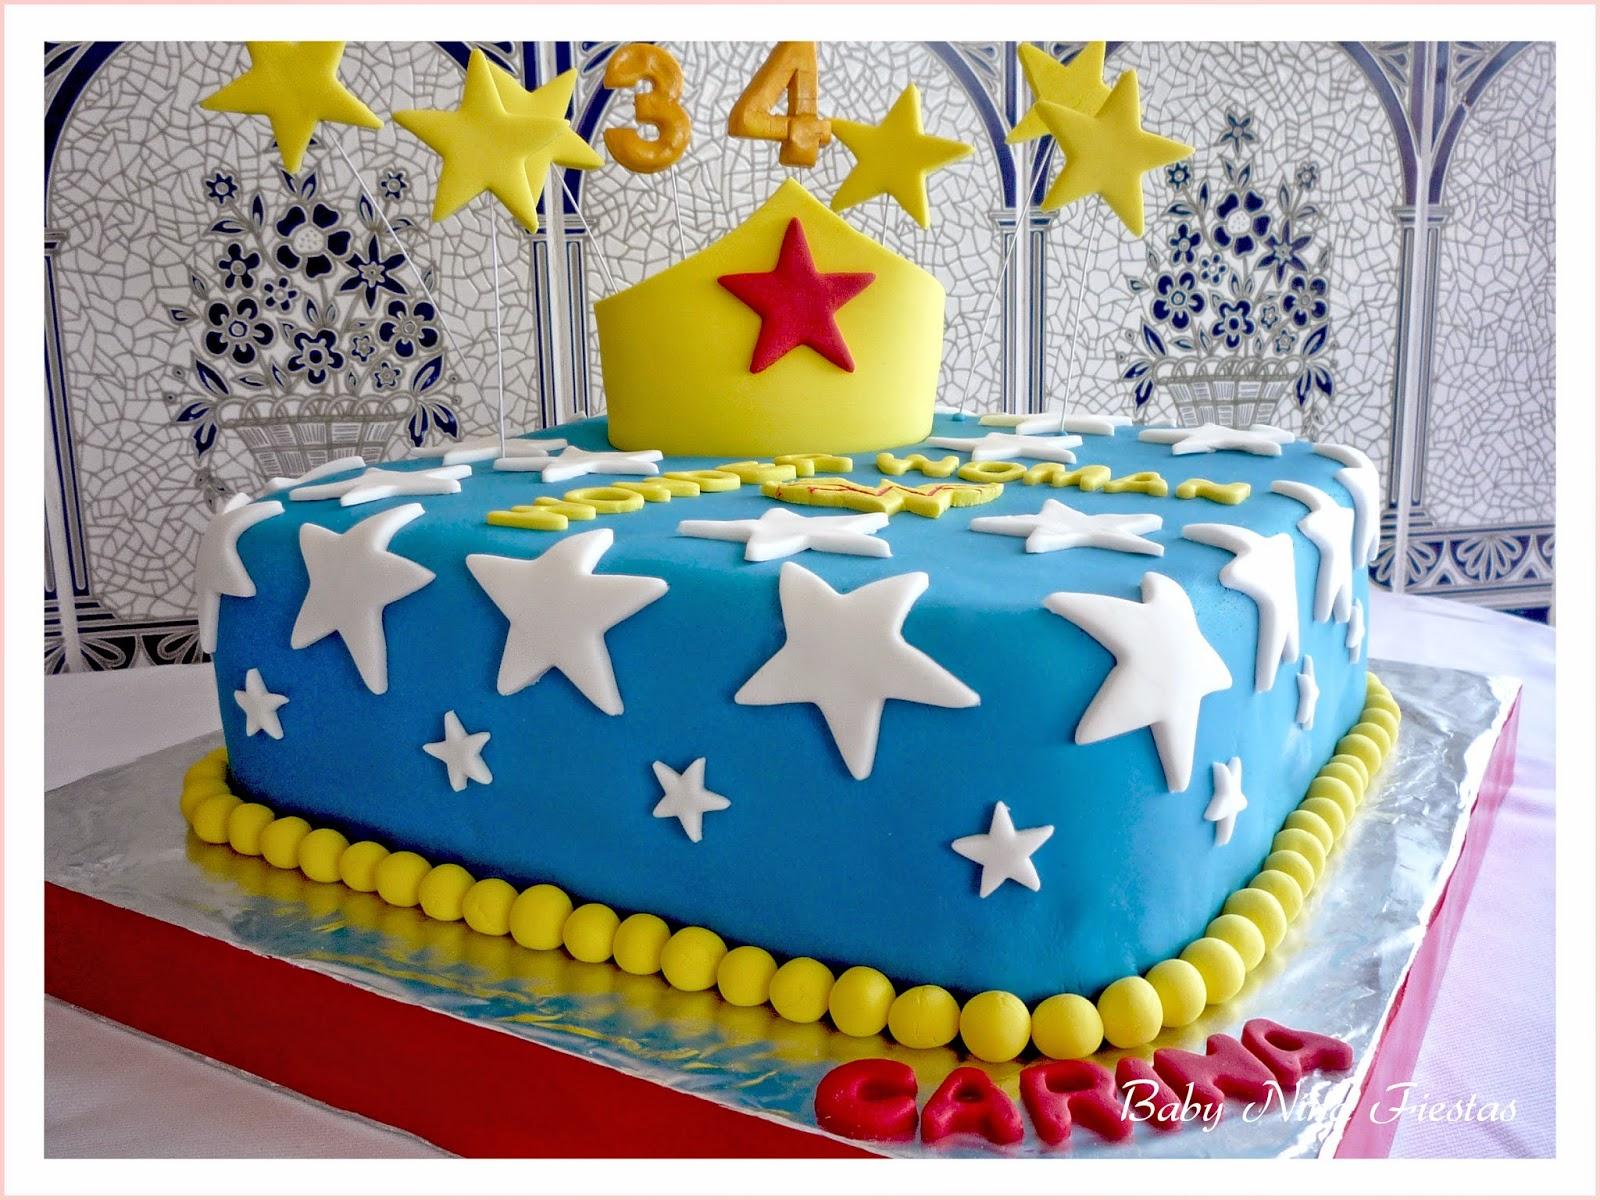 Baby nina fiestas tarta wonder woman para carina for Decoracion wonder woman